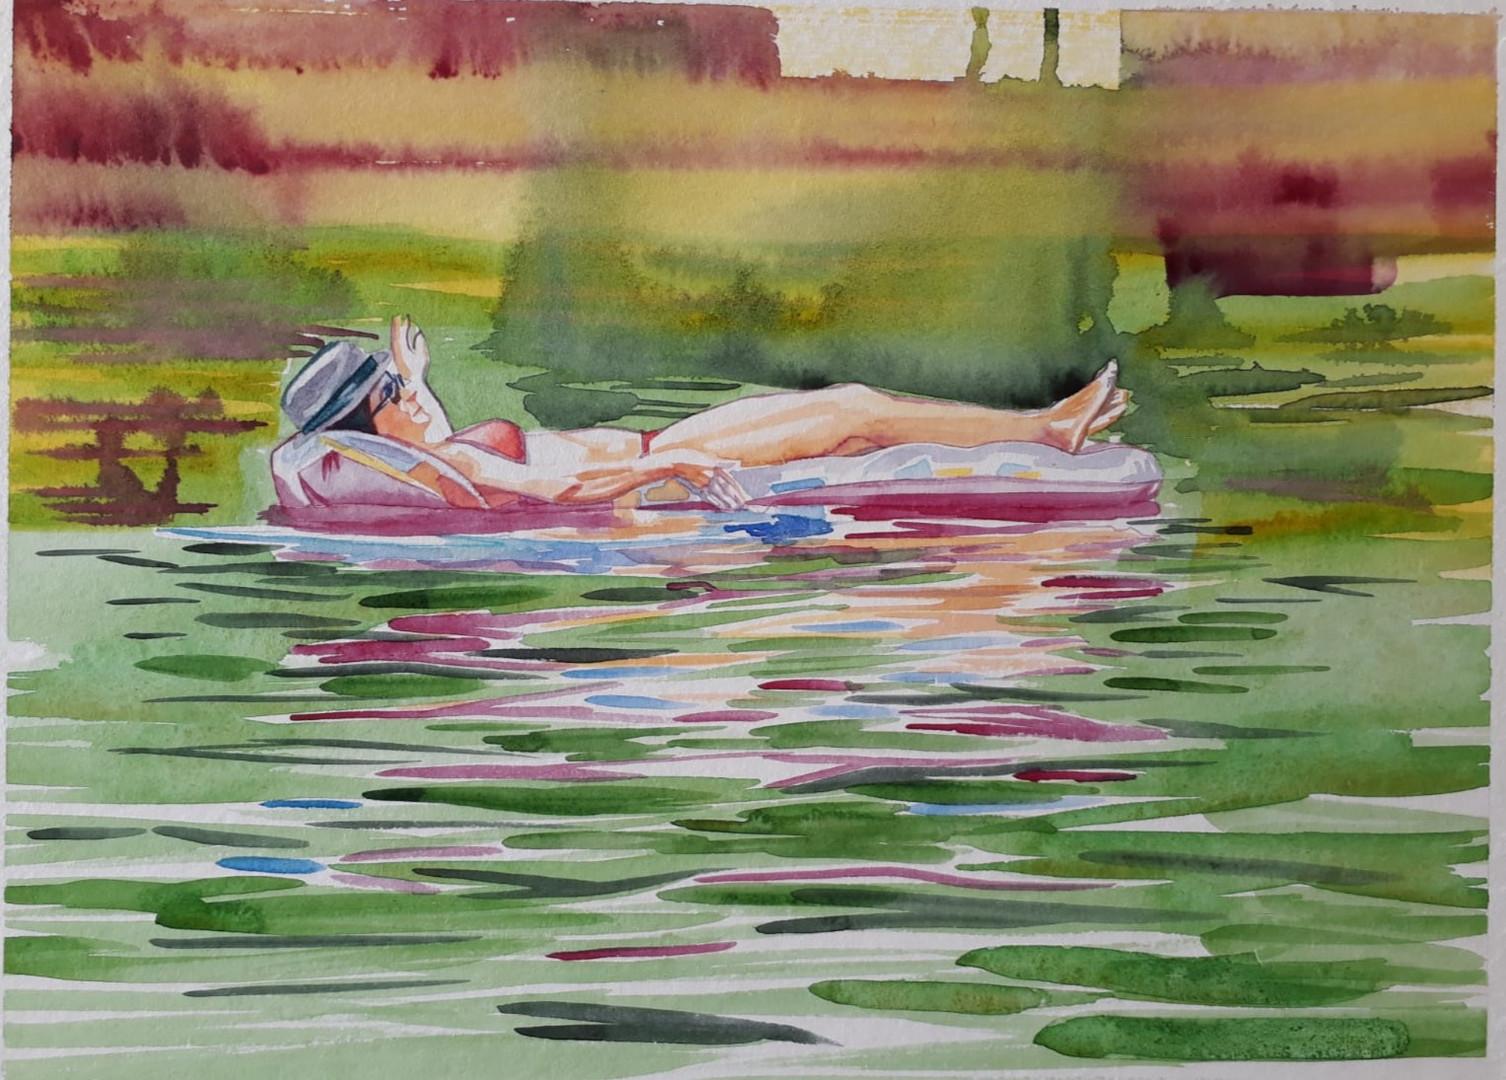 Cameron Rudd Schlachtensee V 2019 Aquarellfarbe auf Papier 50 x 60 cm gerahmt